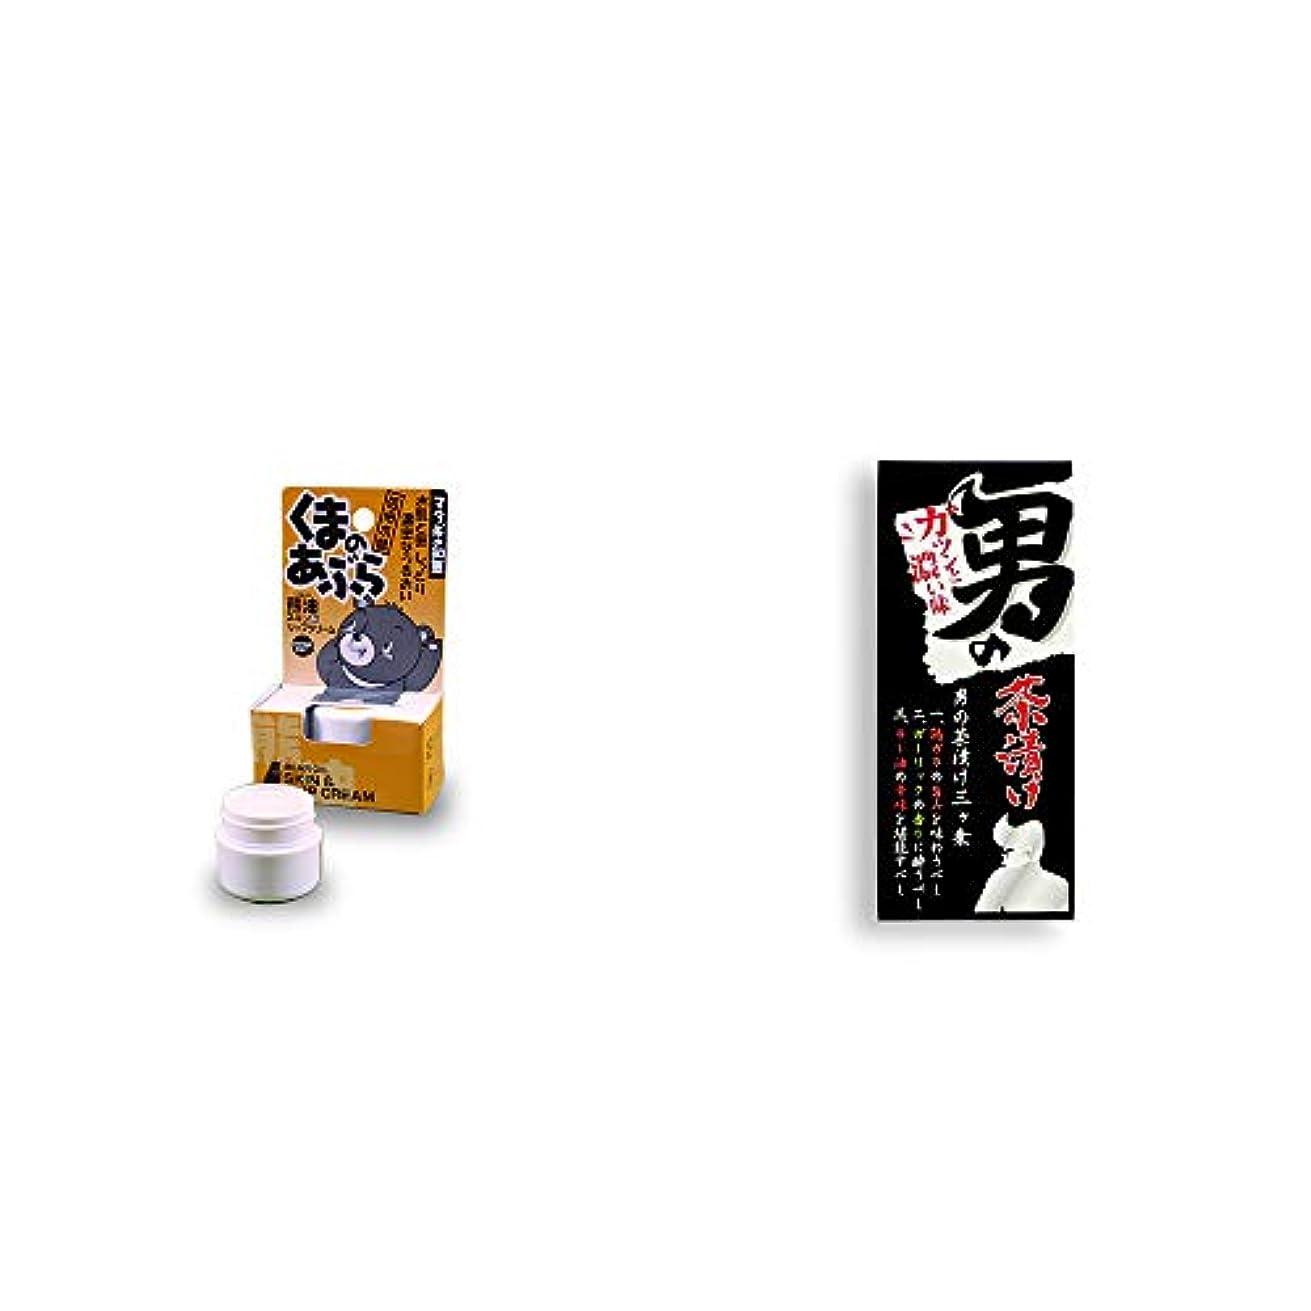 ランク条件付きクレジット[2点セット] 信州木曽 くまのあぶら 熊油スキン&リップクリーム(9g)?男の茶漬け(4.8g×8袋)